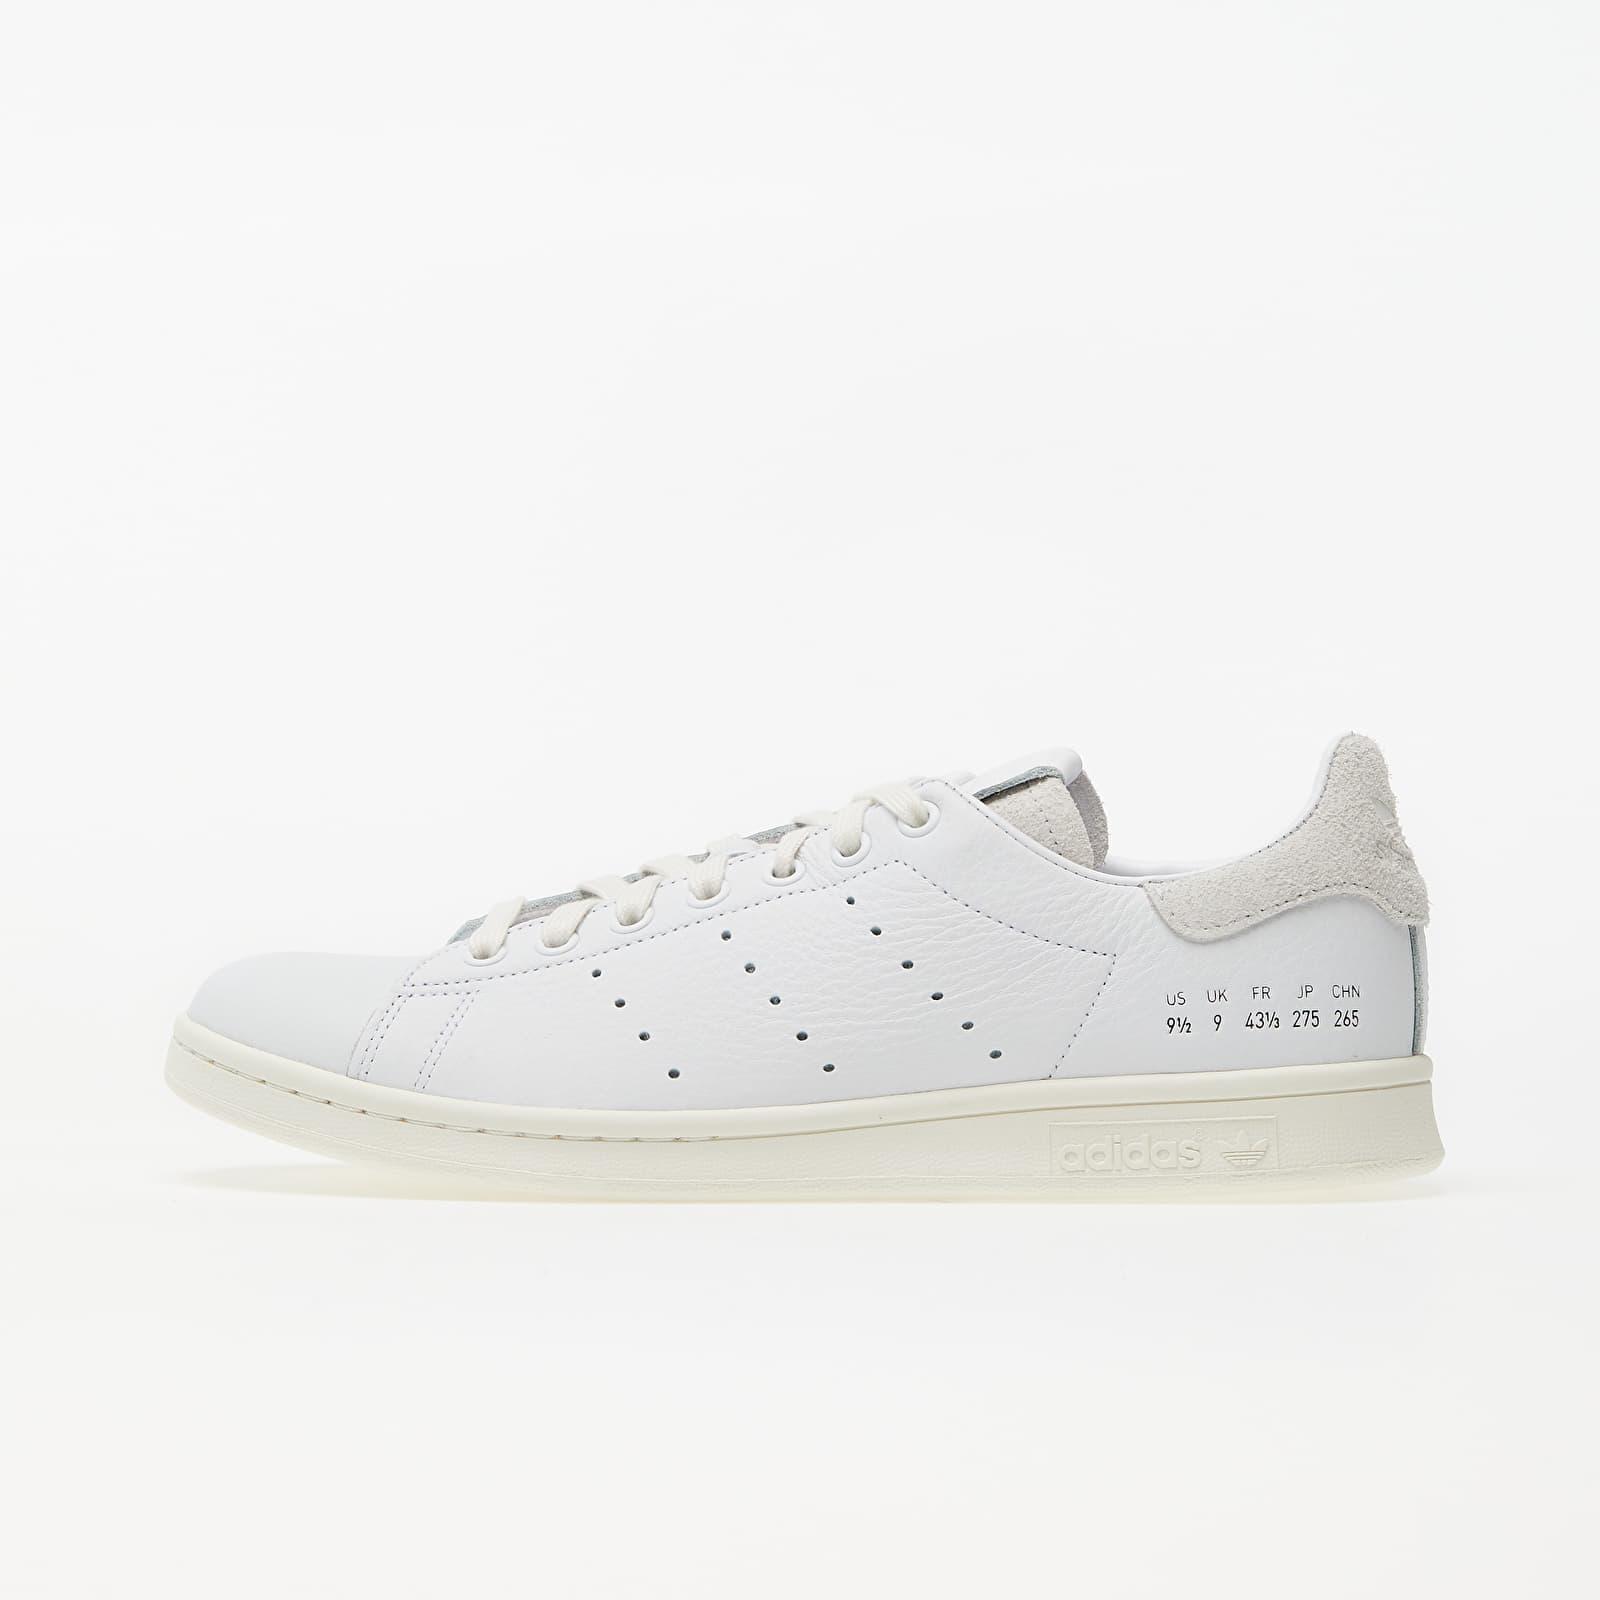 Herren Sneaker und Schuhe adidas Stan Smith Ftw White/ Crystal White/ Off White